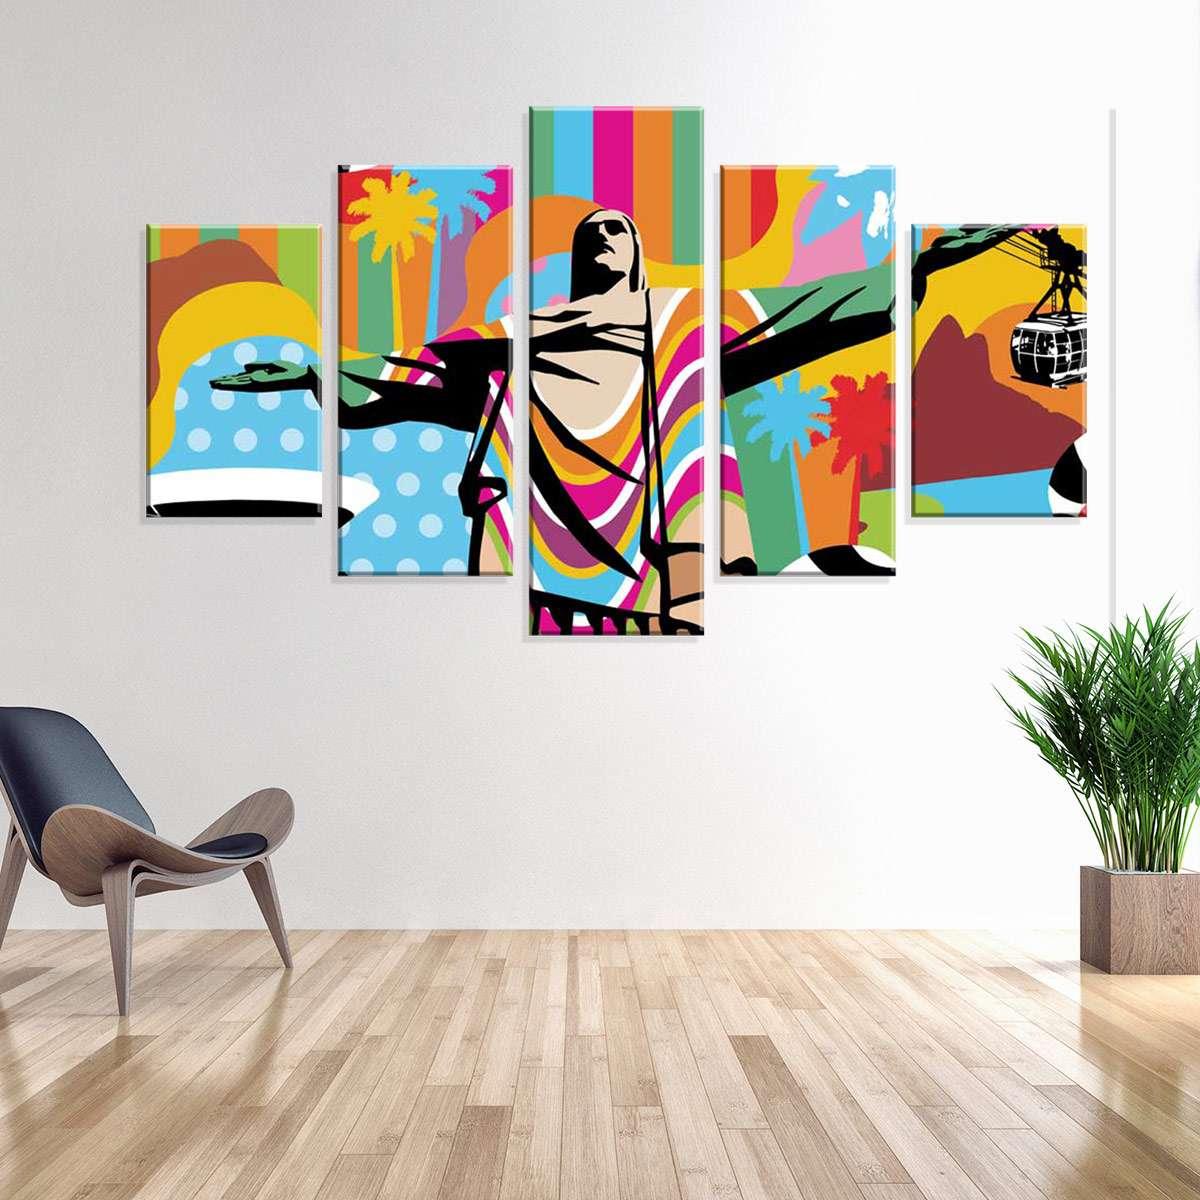 a33c445d4 Conjunto de 5 Telas Decorativas em Canvas Rio de Janeiro 90 x160